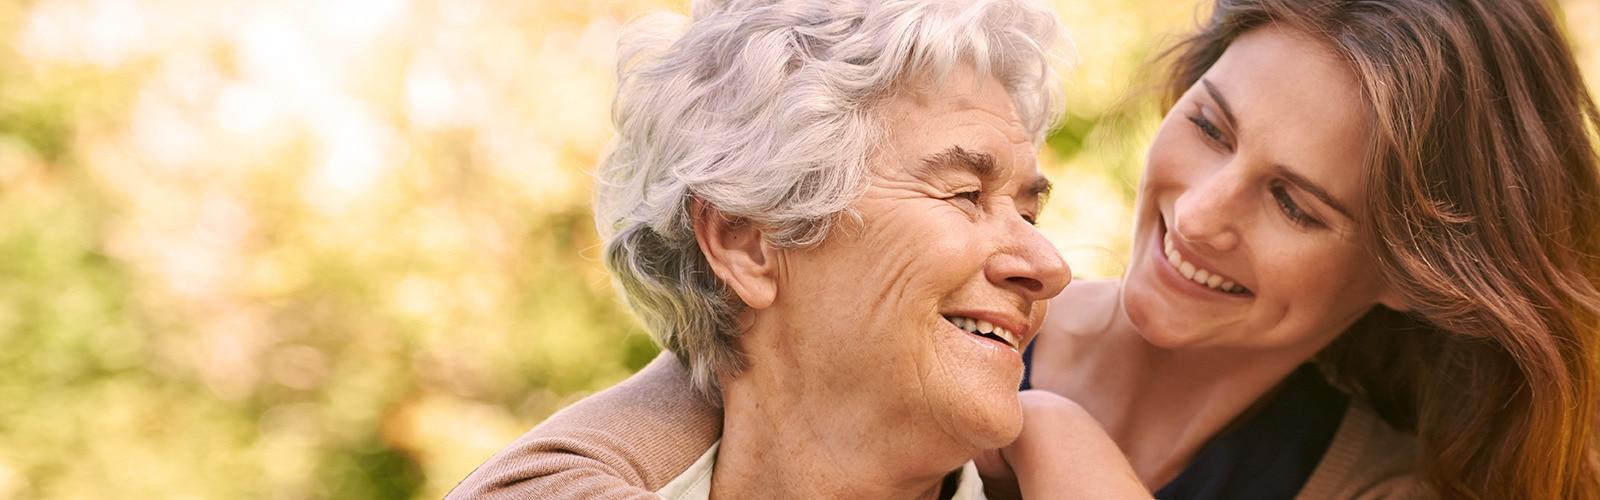 Mladá žena objíma staršiu ženu – pochopenie typu inkontinencie, ktorý sa prejavuje u vašej milovanej osoby